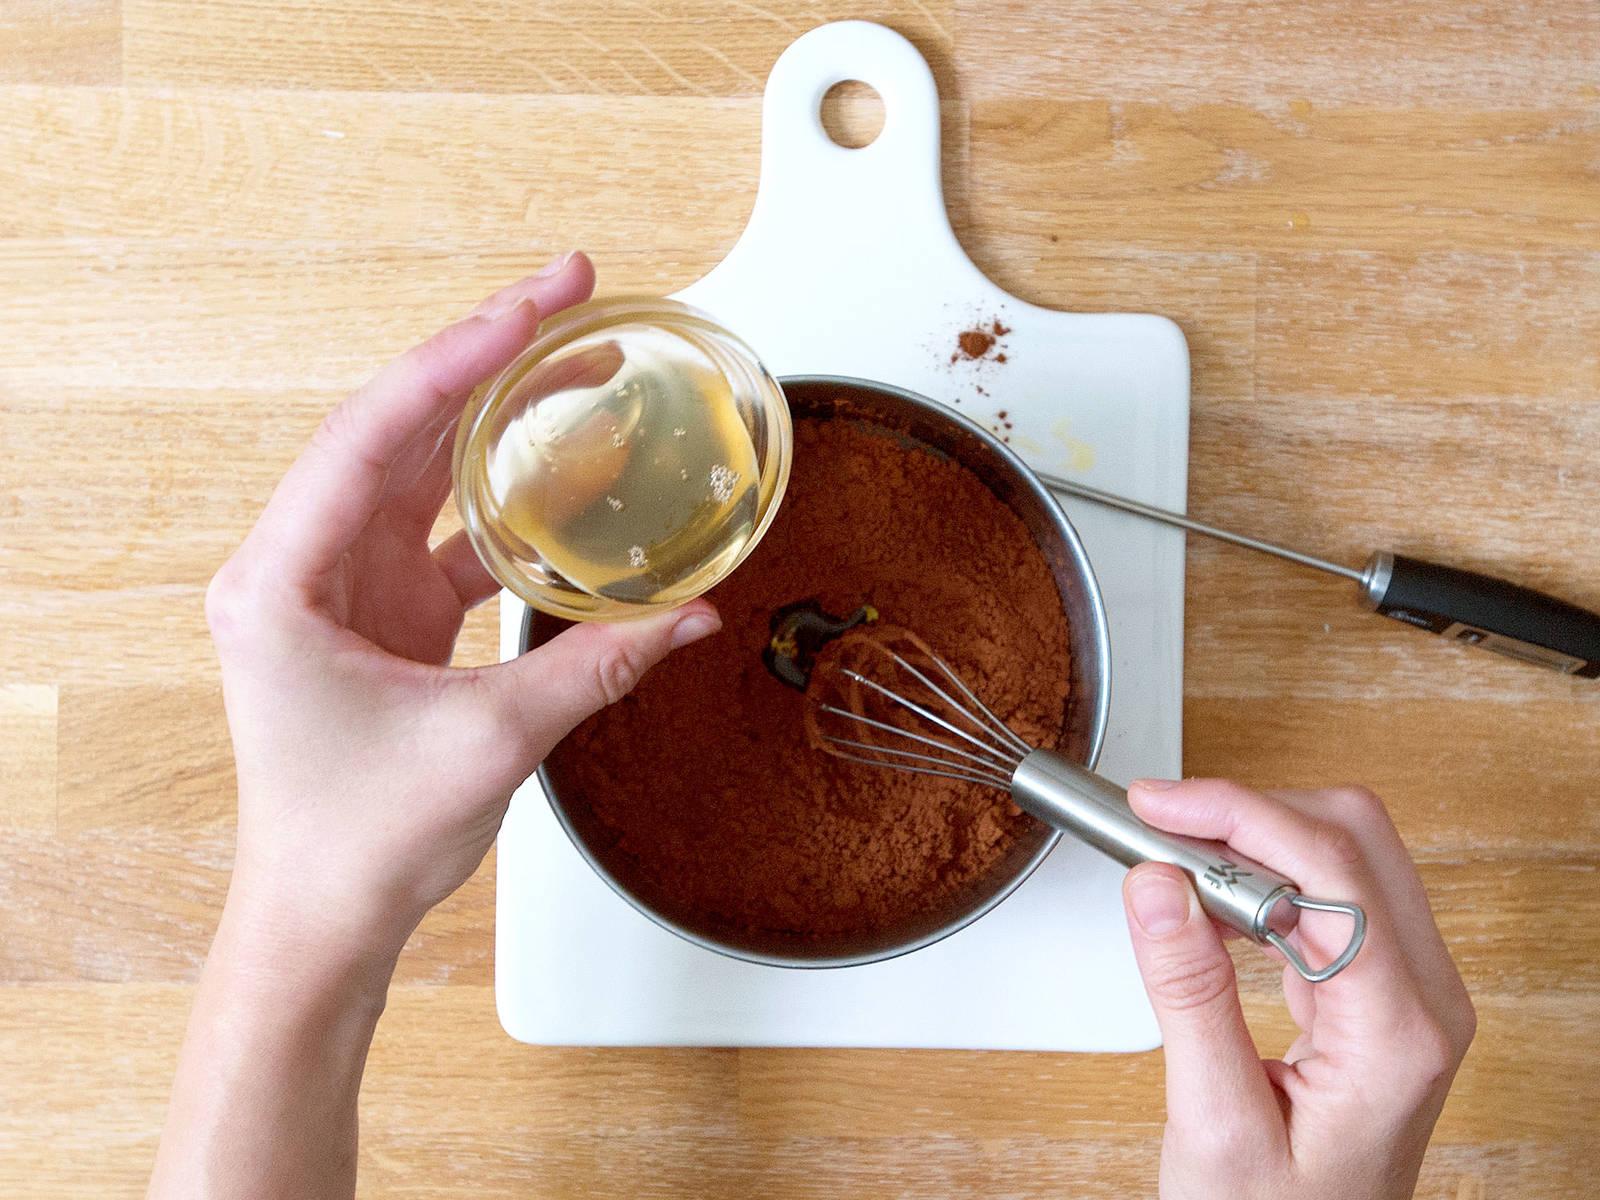 Kakaobutter in einer hitzebeständigen Schüssel über einem Topf mit köchelndem Wasser schmelzen bis die Mischung eine Temperatur zwischen 46 - 49°C erreicht. Geschmolzene Kakaobutter vom Herd nehmen und auf 27°C abkühlen lassen. Kakaopulver und restlichen Reissirup einrühren und die Mischung erneut auf 32°C erhitzen.